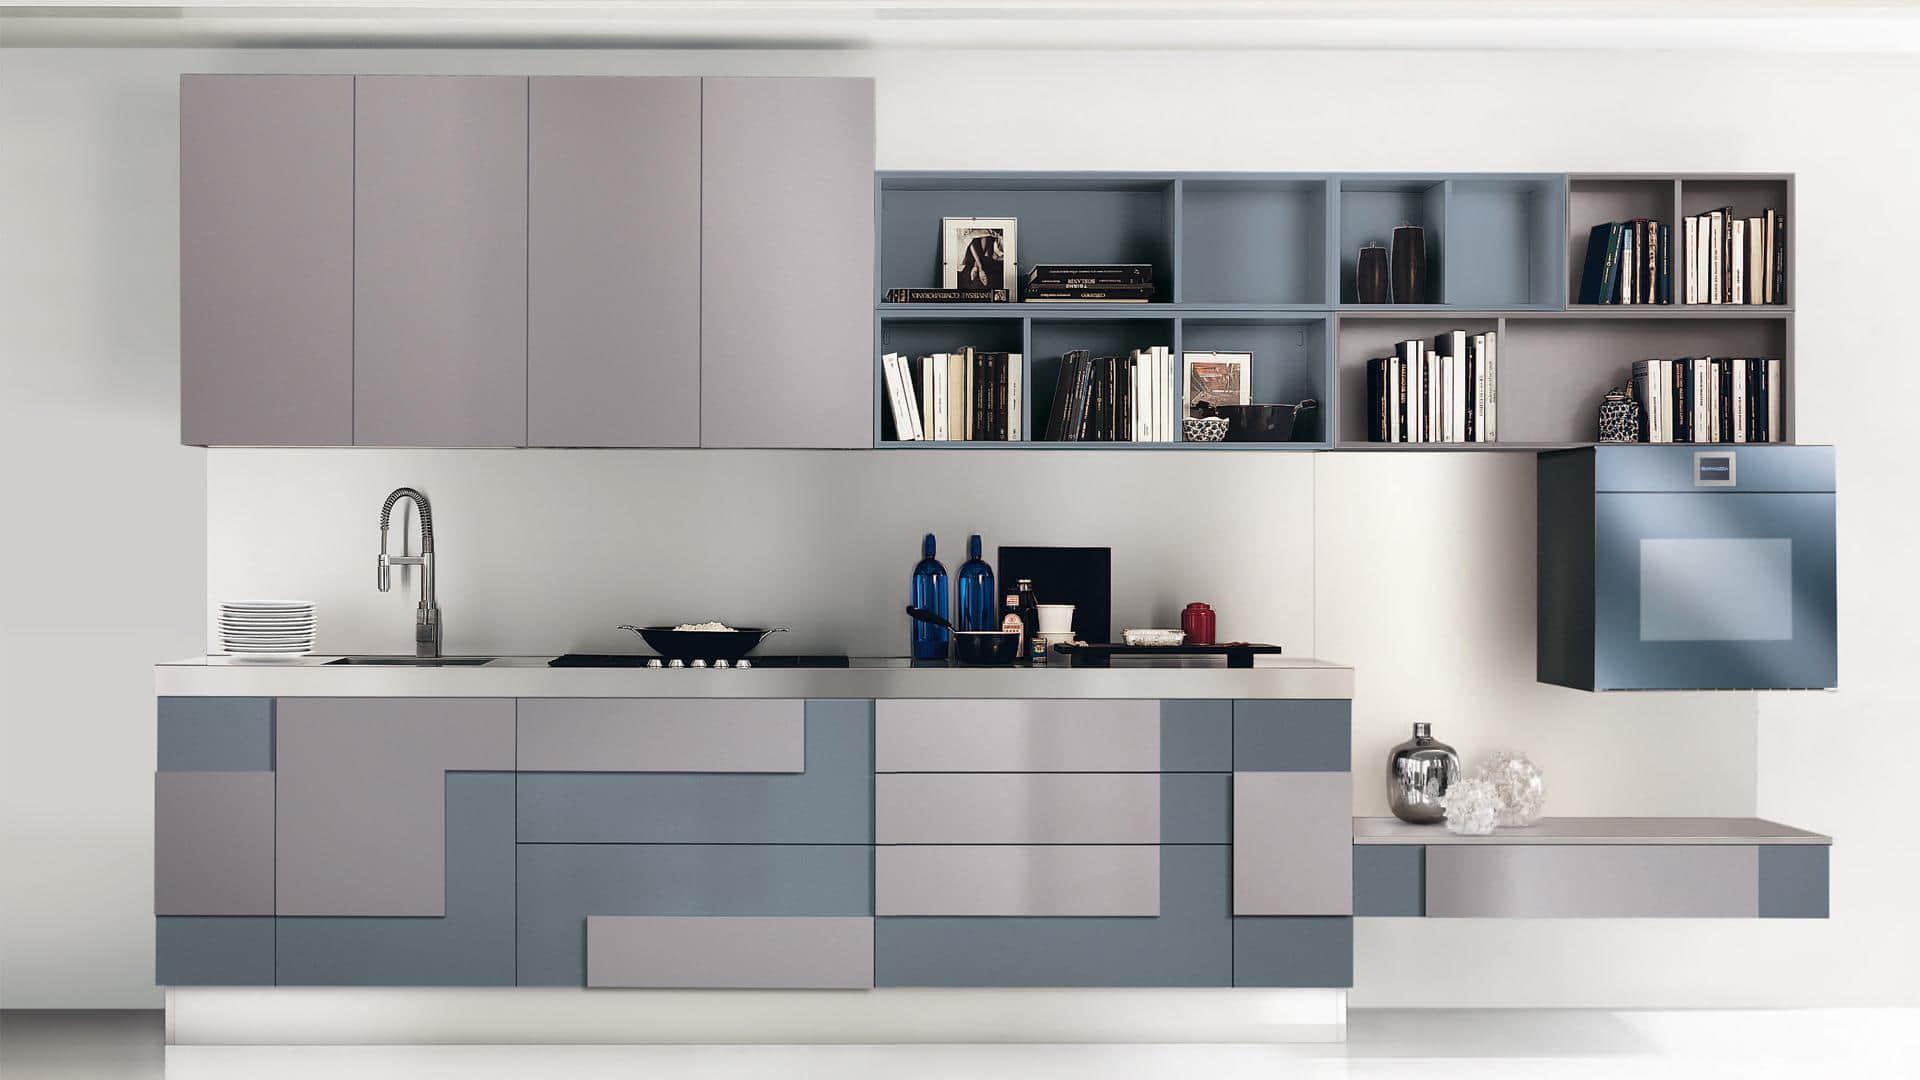 Cucine lineari moderne padova anche in offerta - Design cucine moderne ...